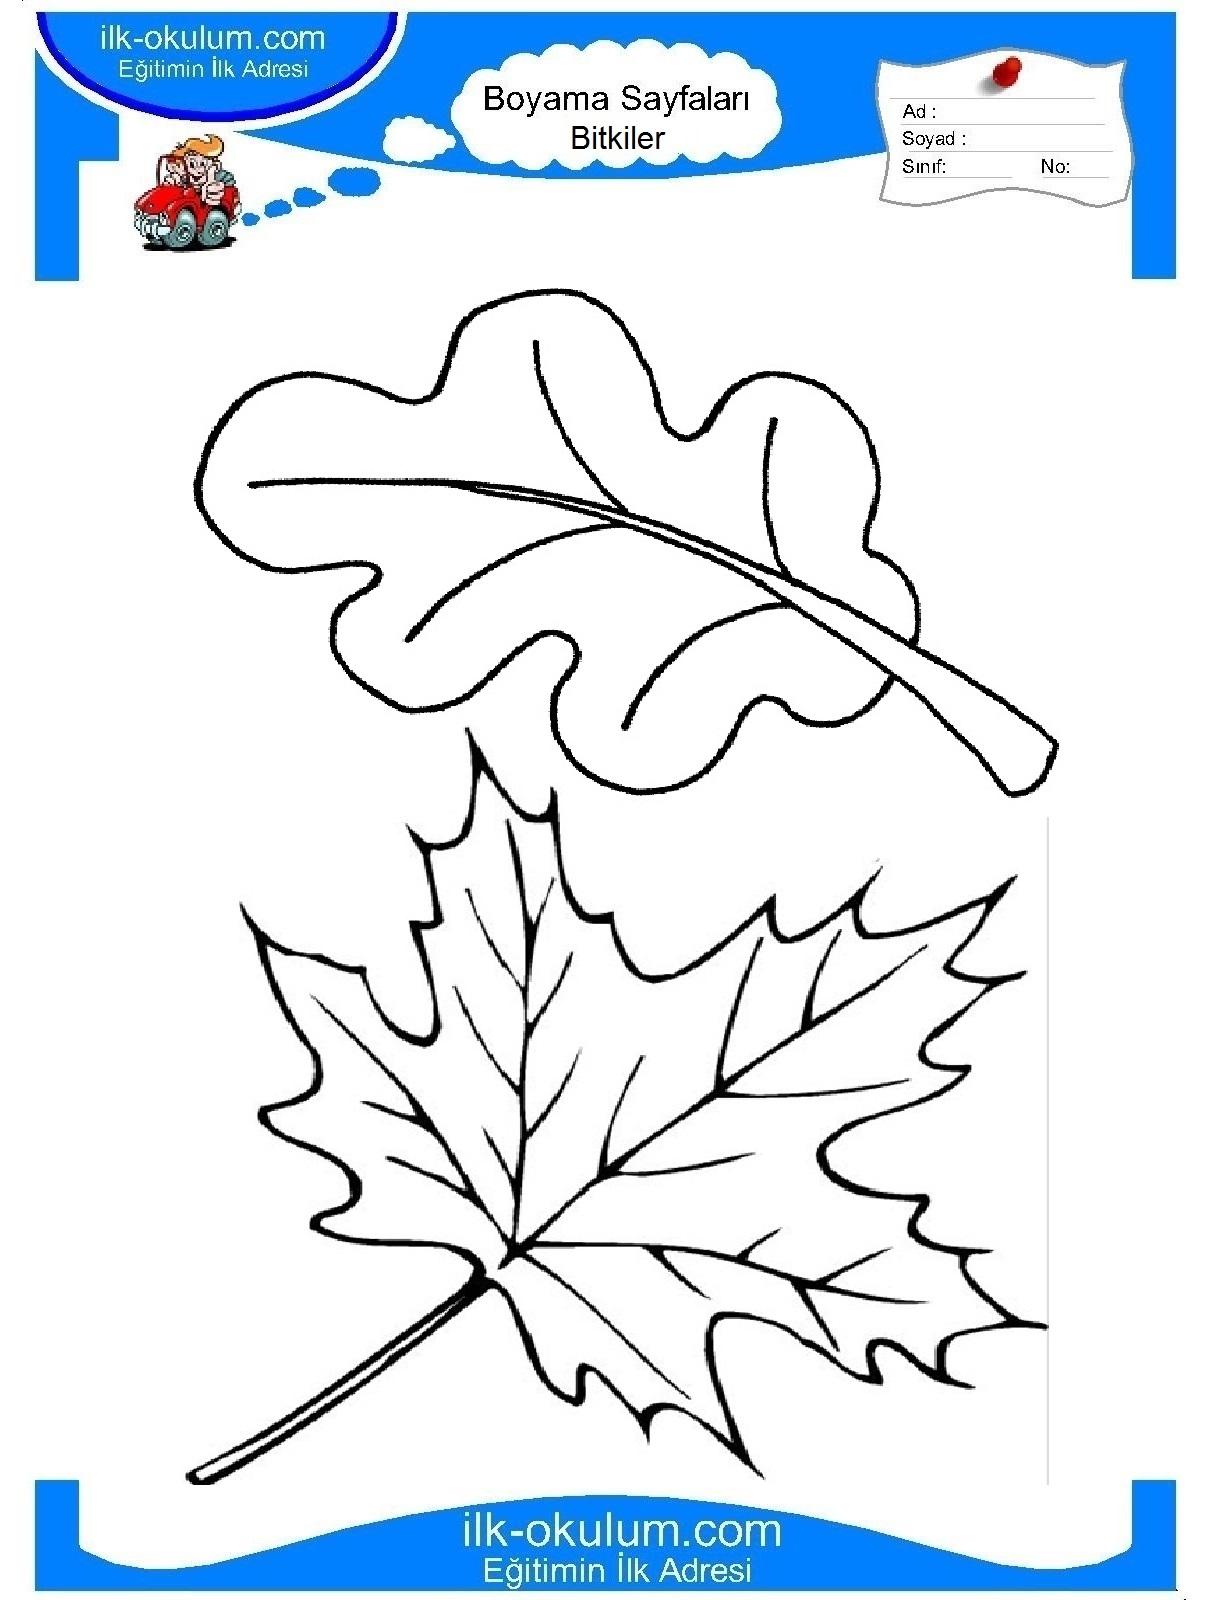 Раскраски листочки деревьев распечатать